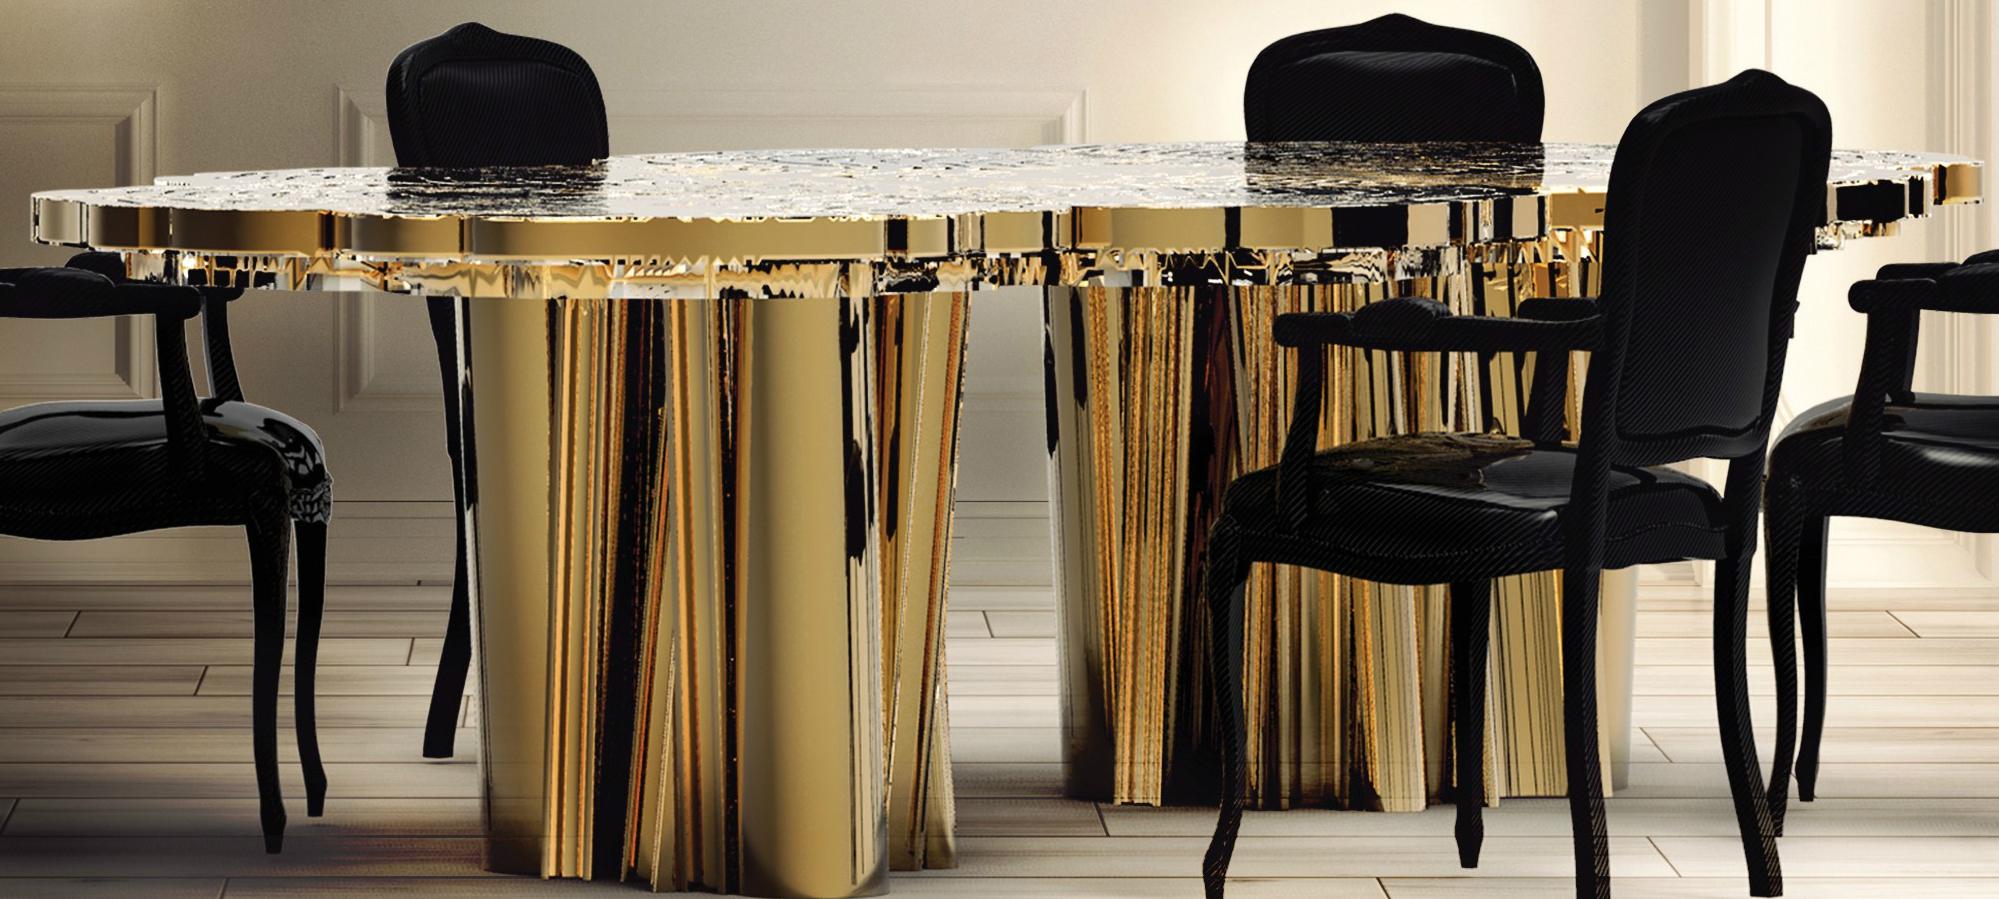 Descubra nuestra selección de las mejores marcas de muebles de lujo